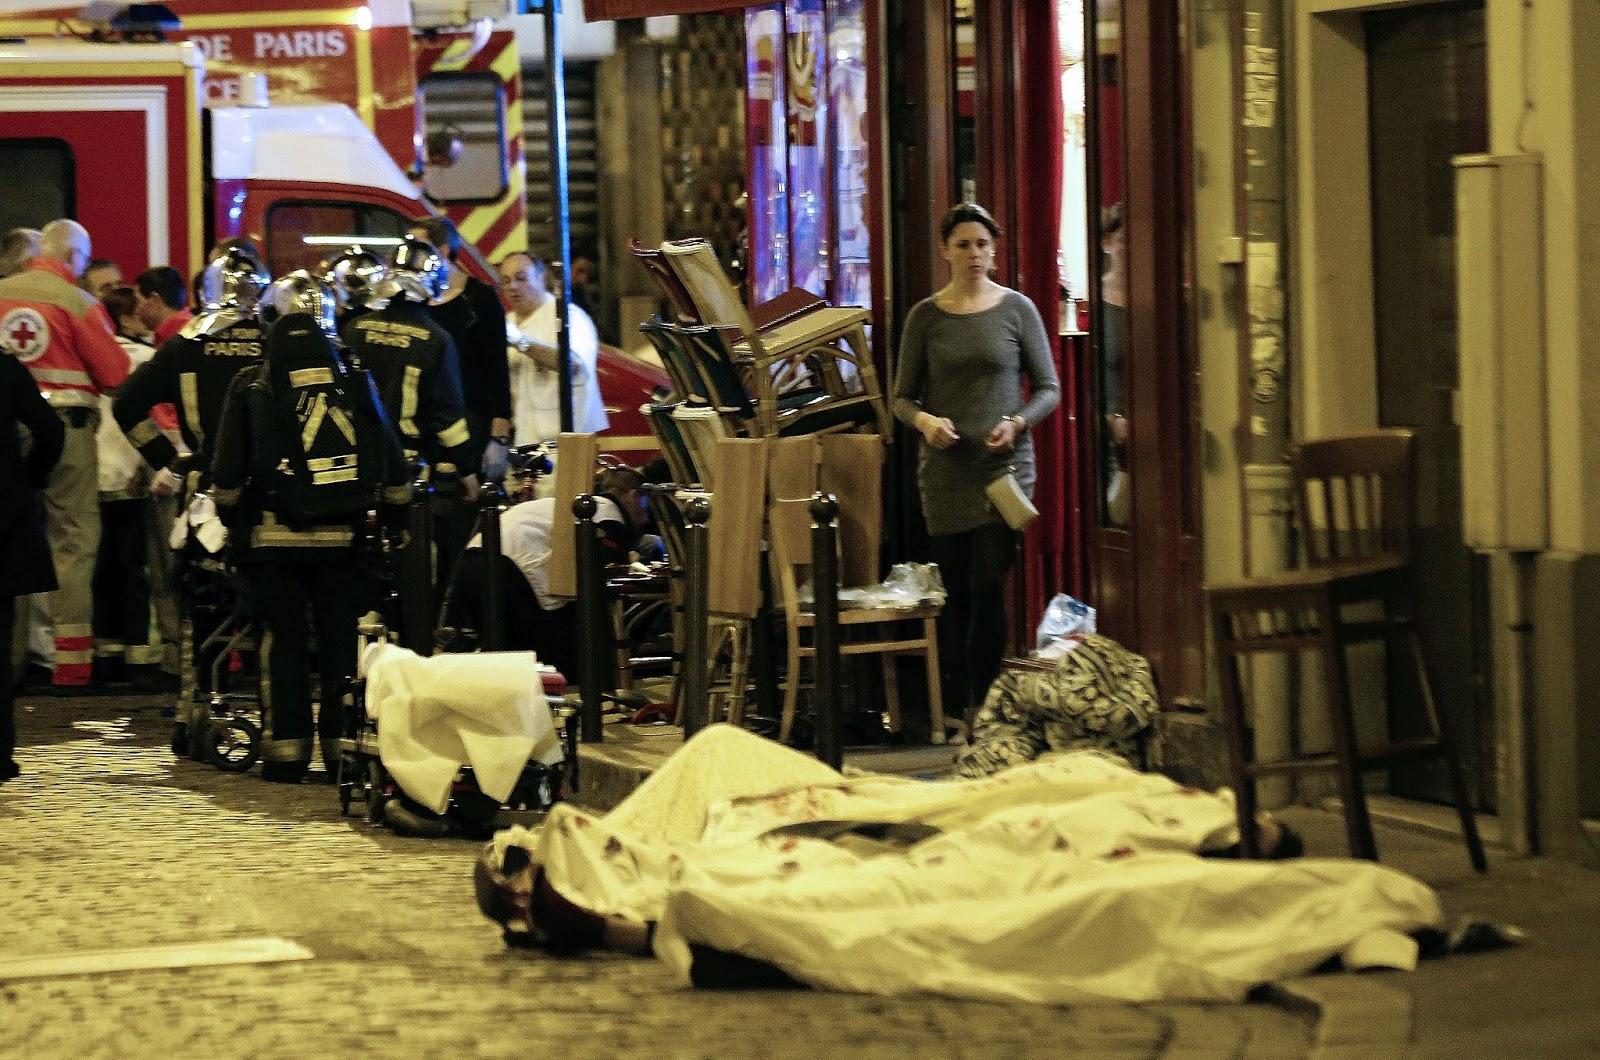 personas-murieron-atentados-paris_lncima20151113_0229_1